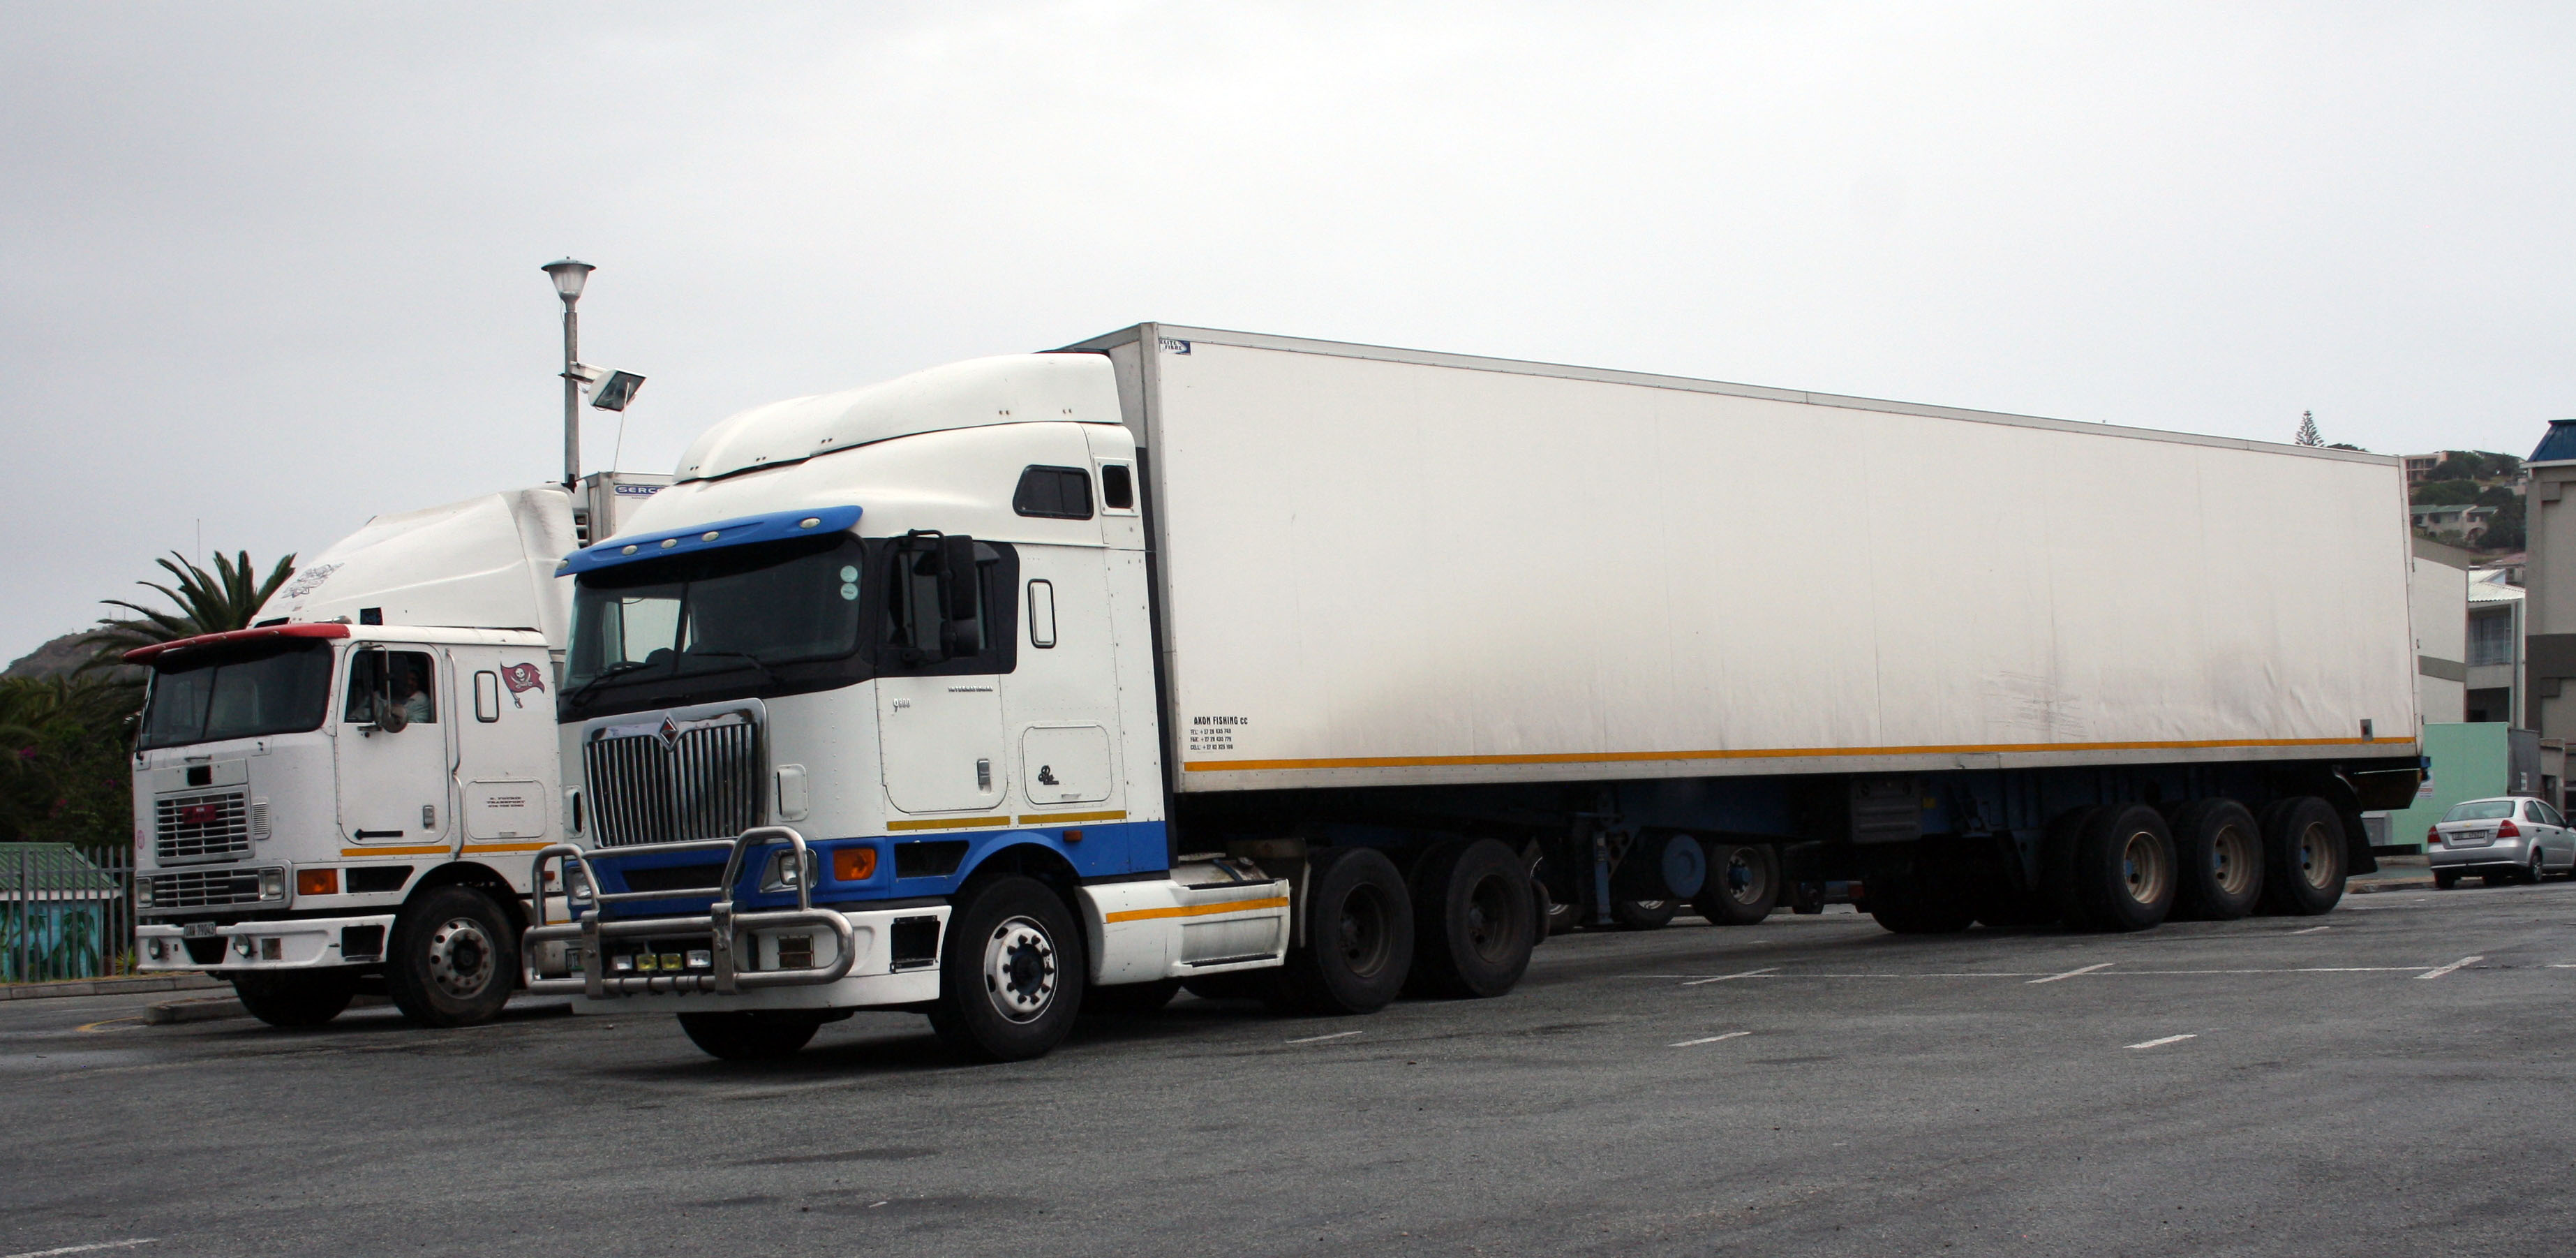 Tipos de camiones de carga segun su funcion